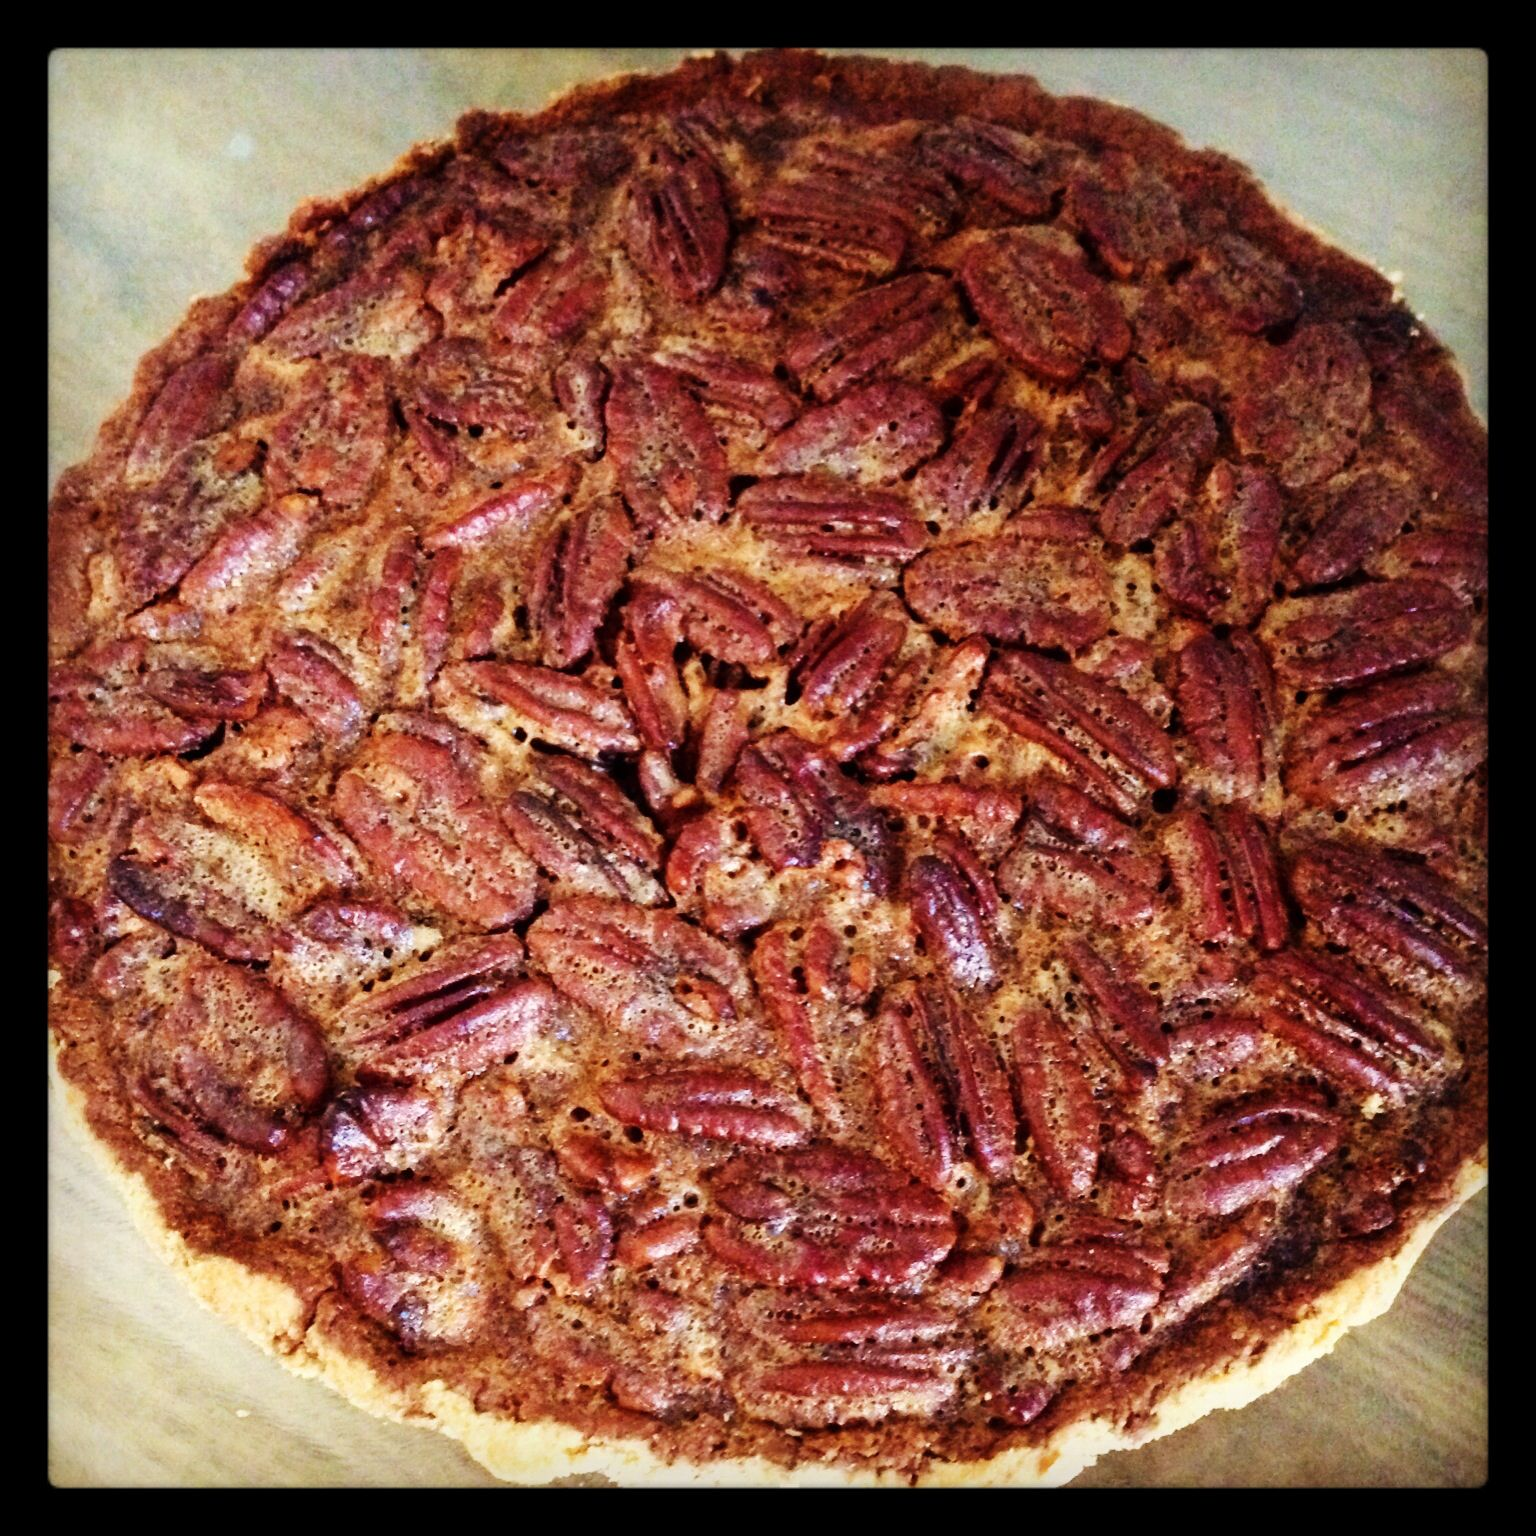 Gluten free pecan pie...get in my belly! www.monkeypoodle.co.uk